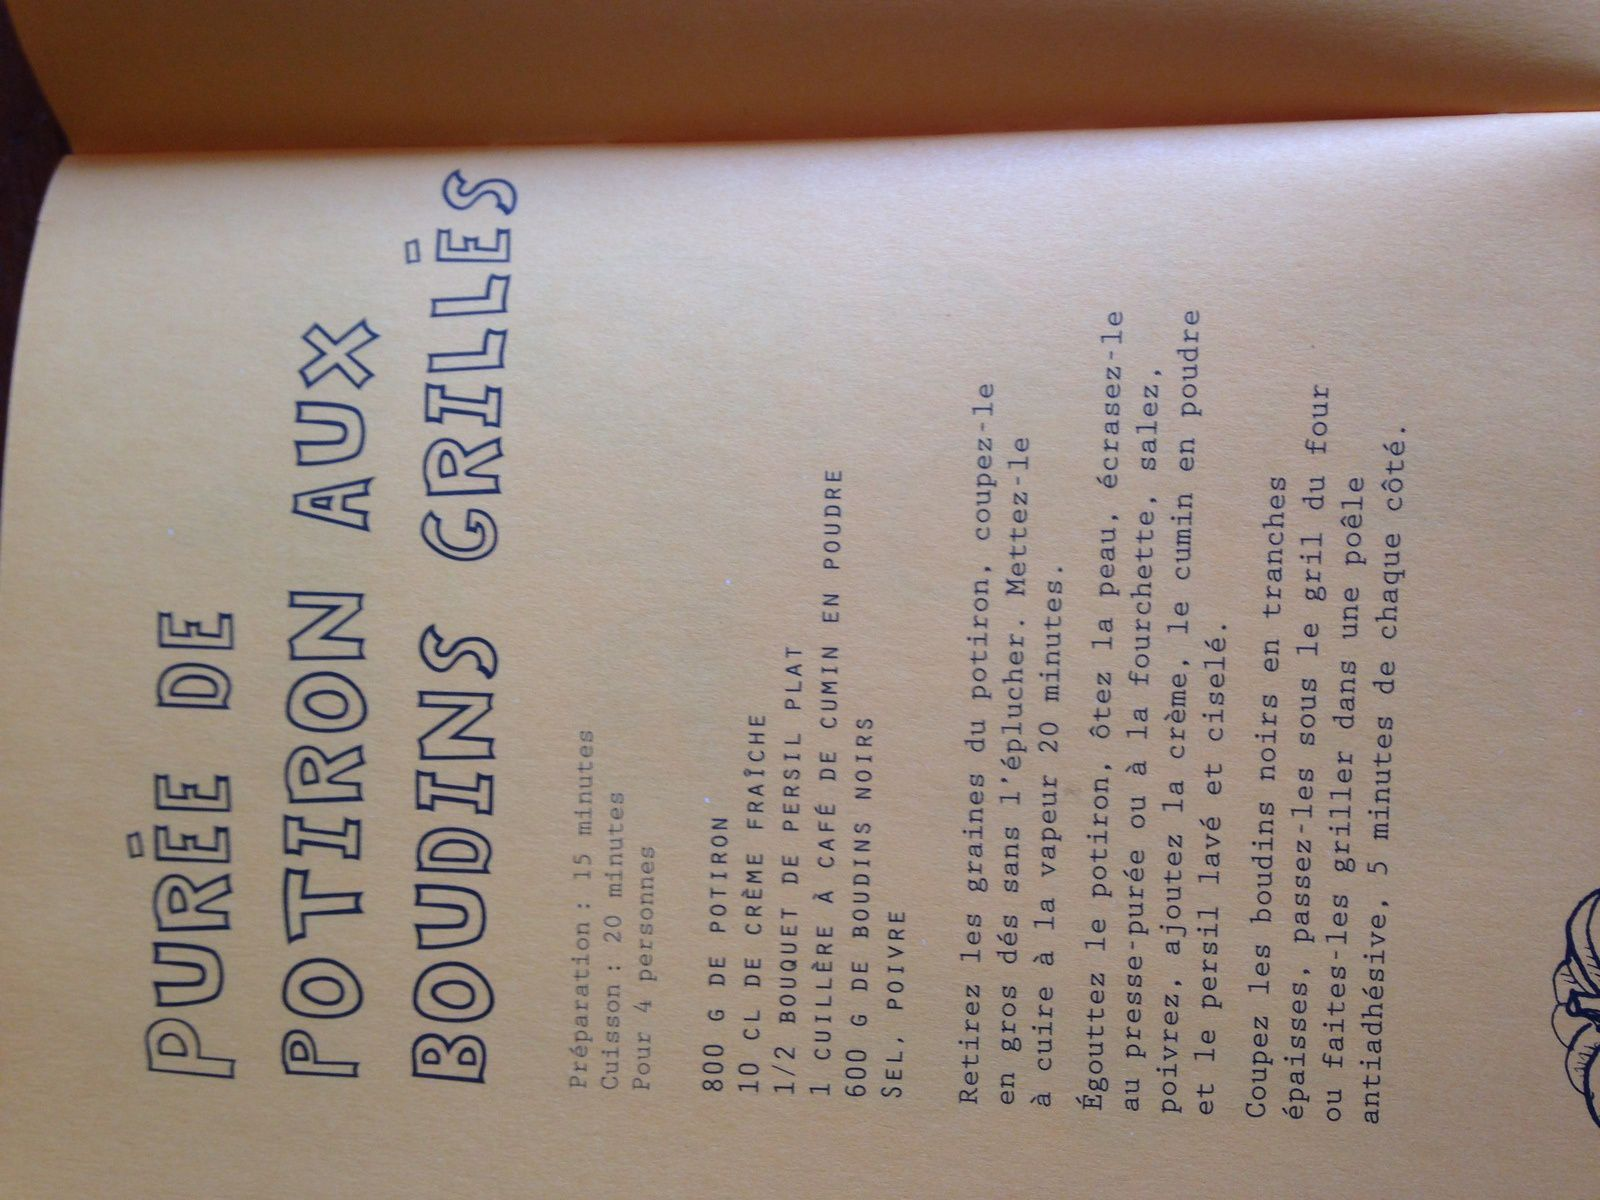 livre de recettes courges et citrouilles potiron sur charlotteblabla blog*